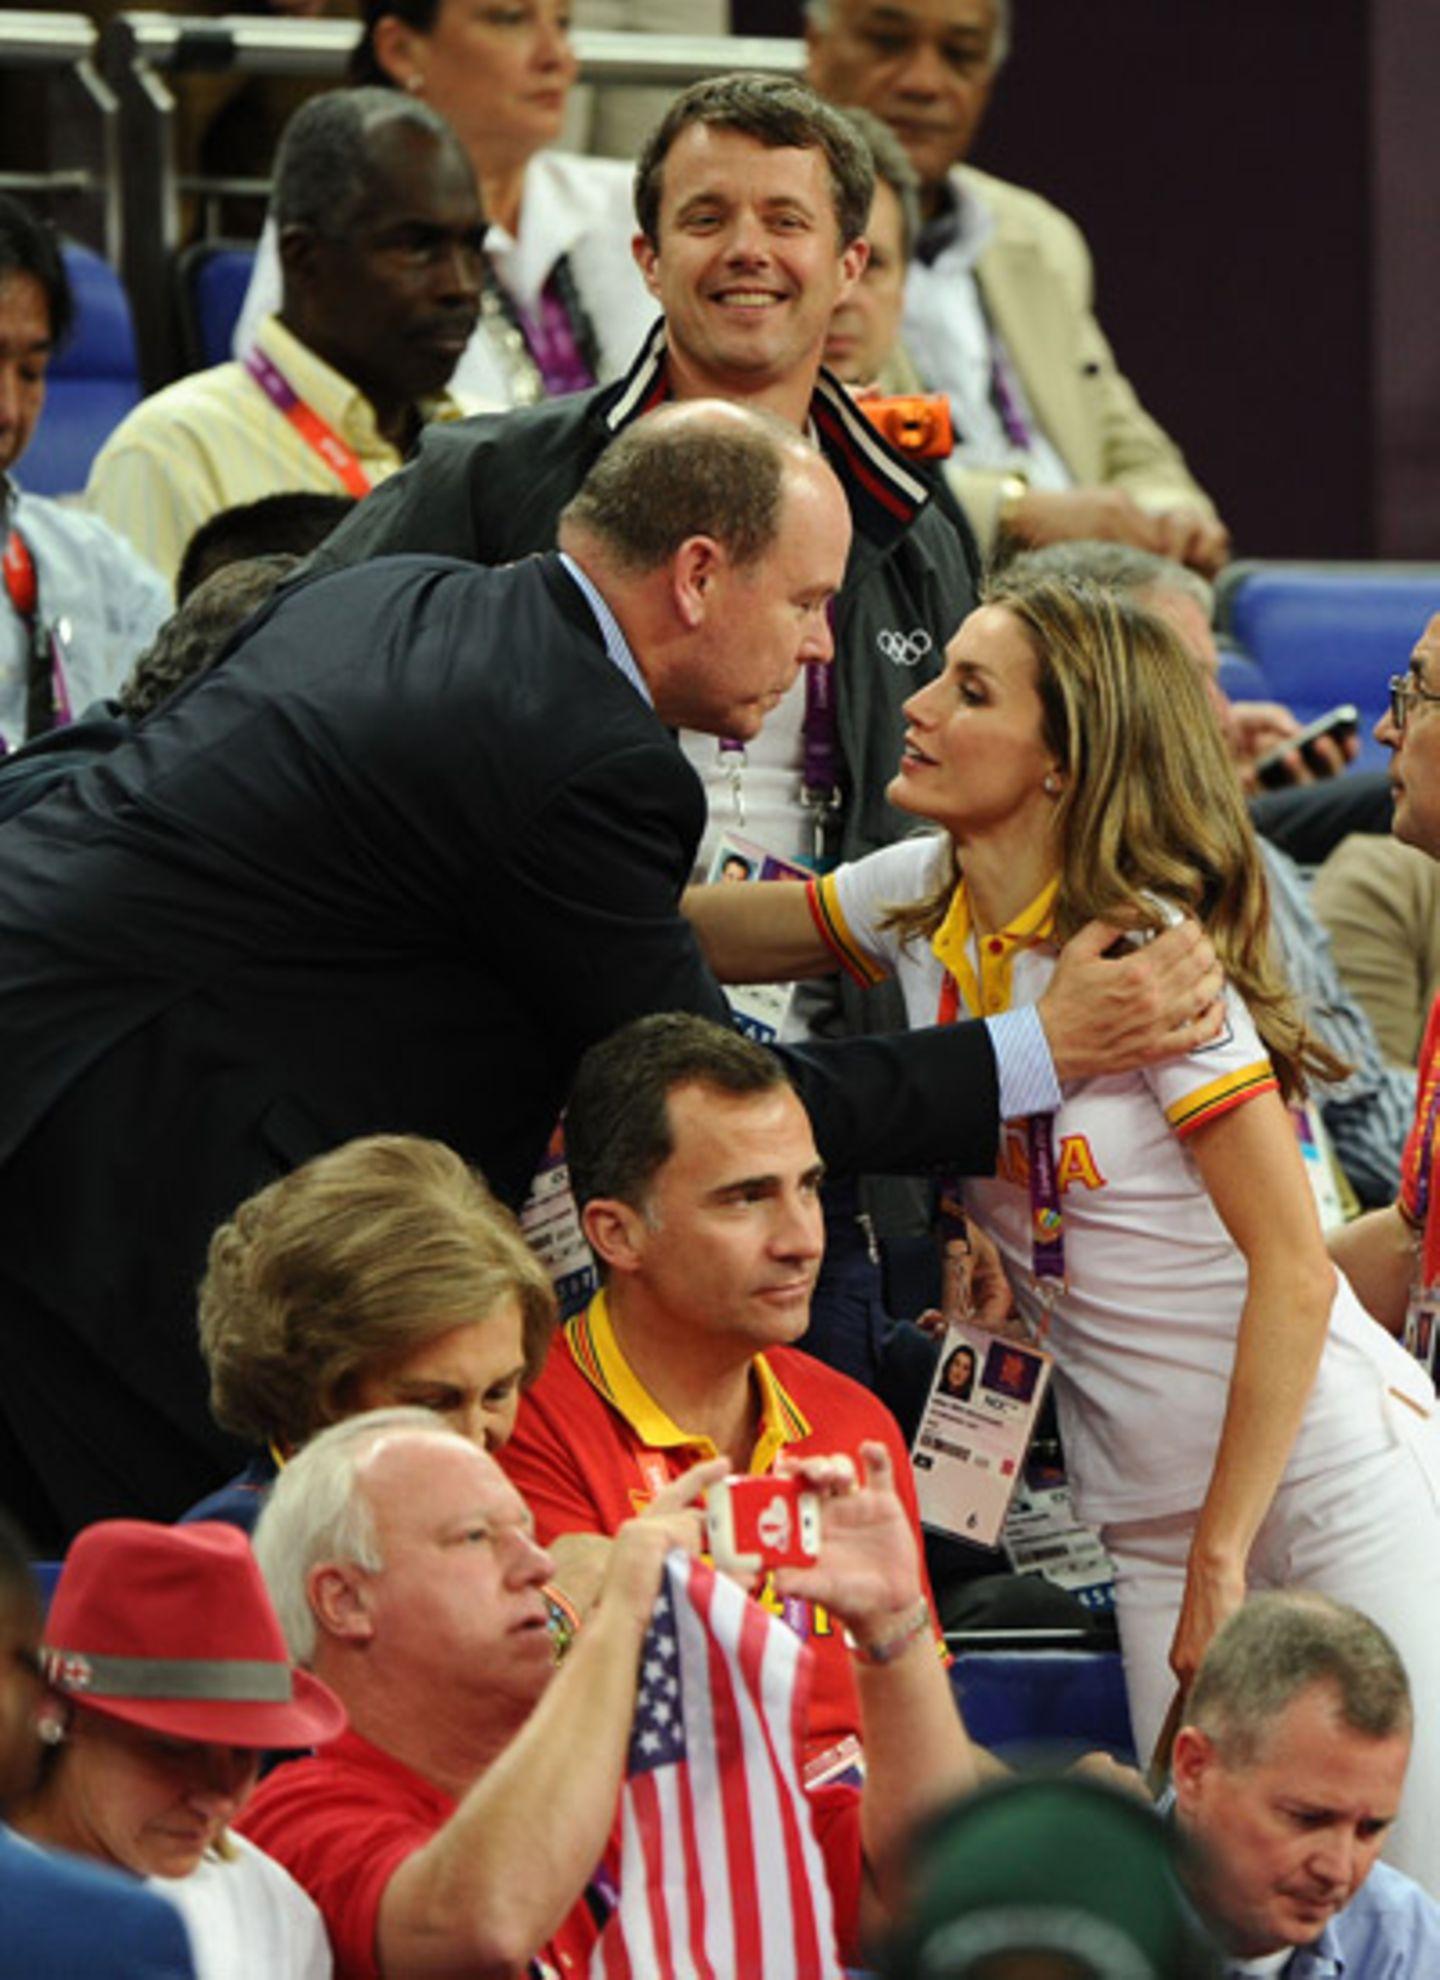 Fürst Albert, Prinz Frederik von Dänemark sowie Königin Sofia, Prinz Felipe und Prinzessin Letizia von Spanien freuen sich auf d